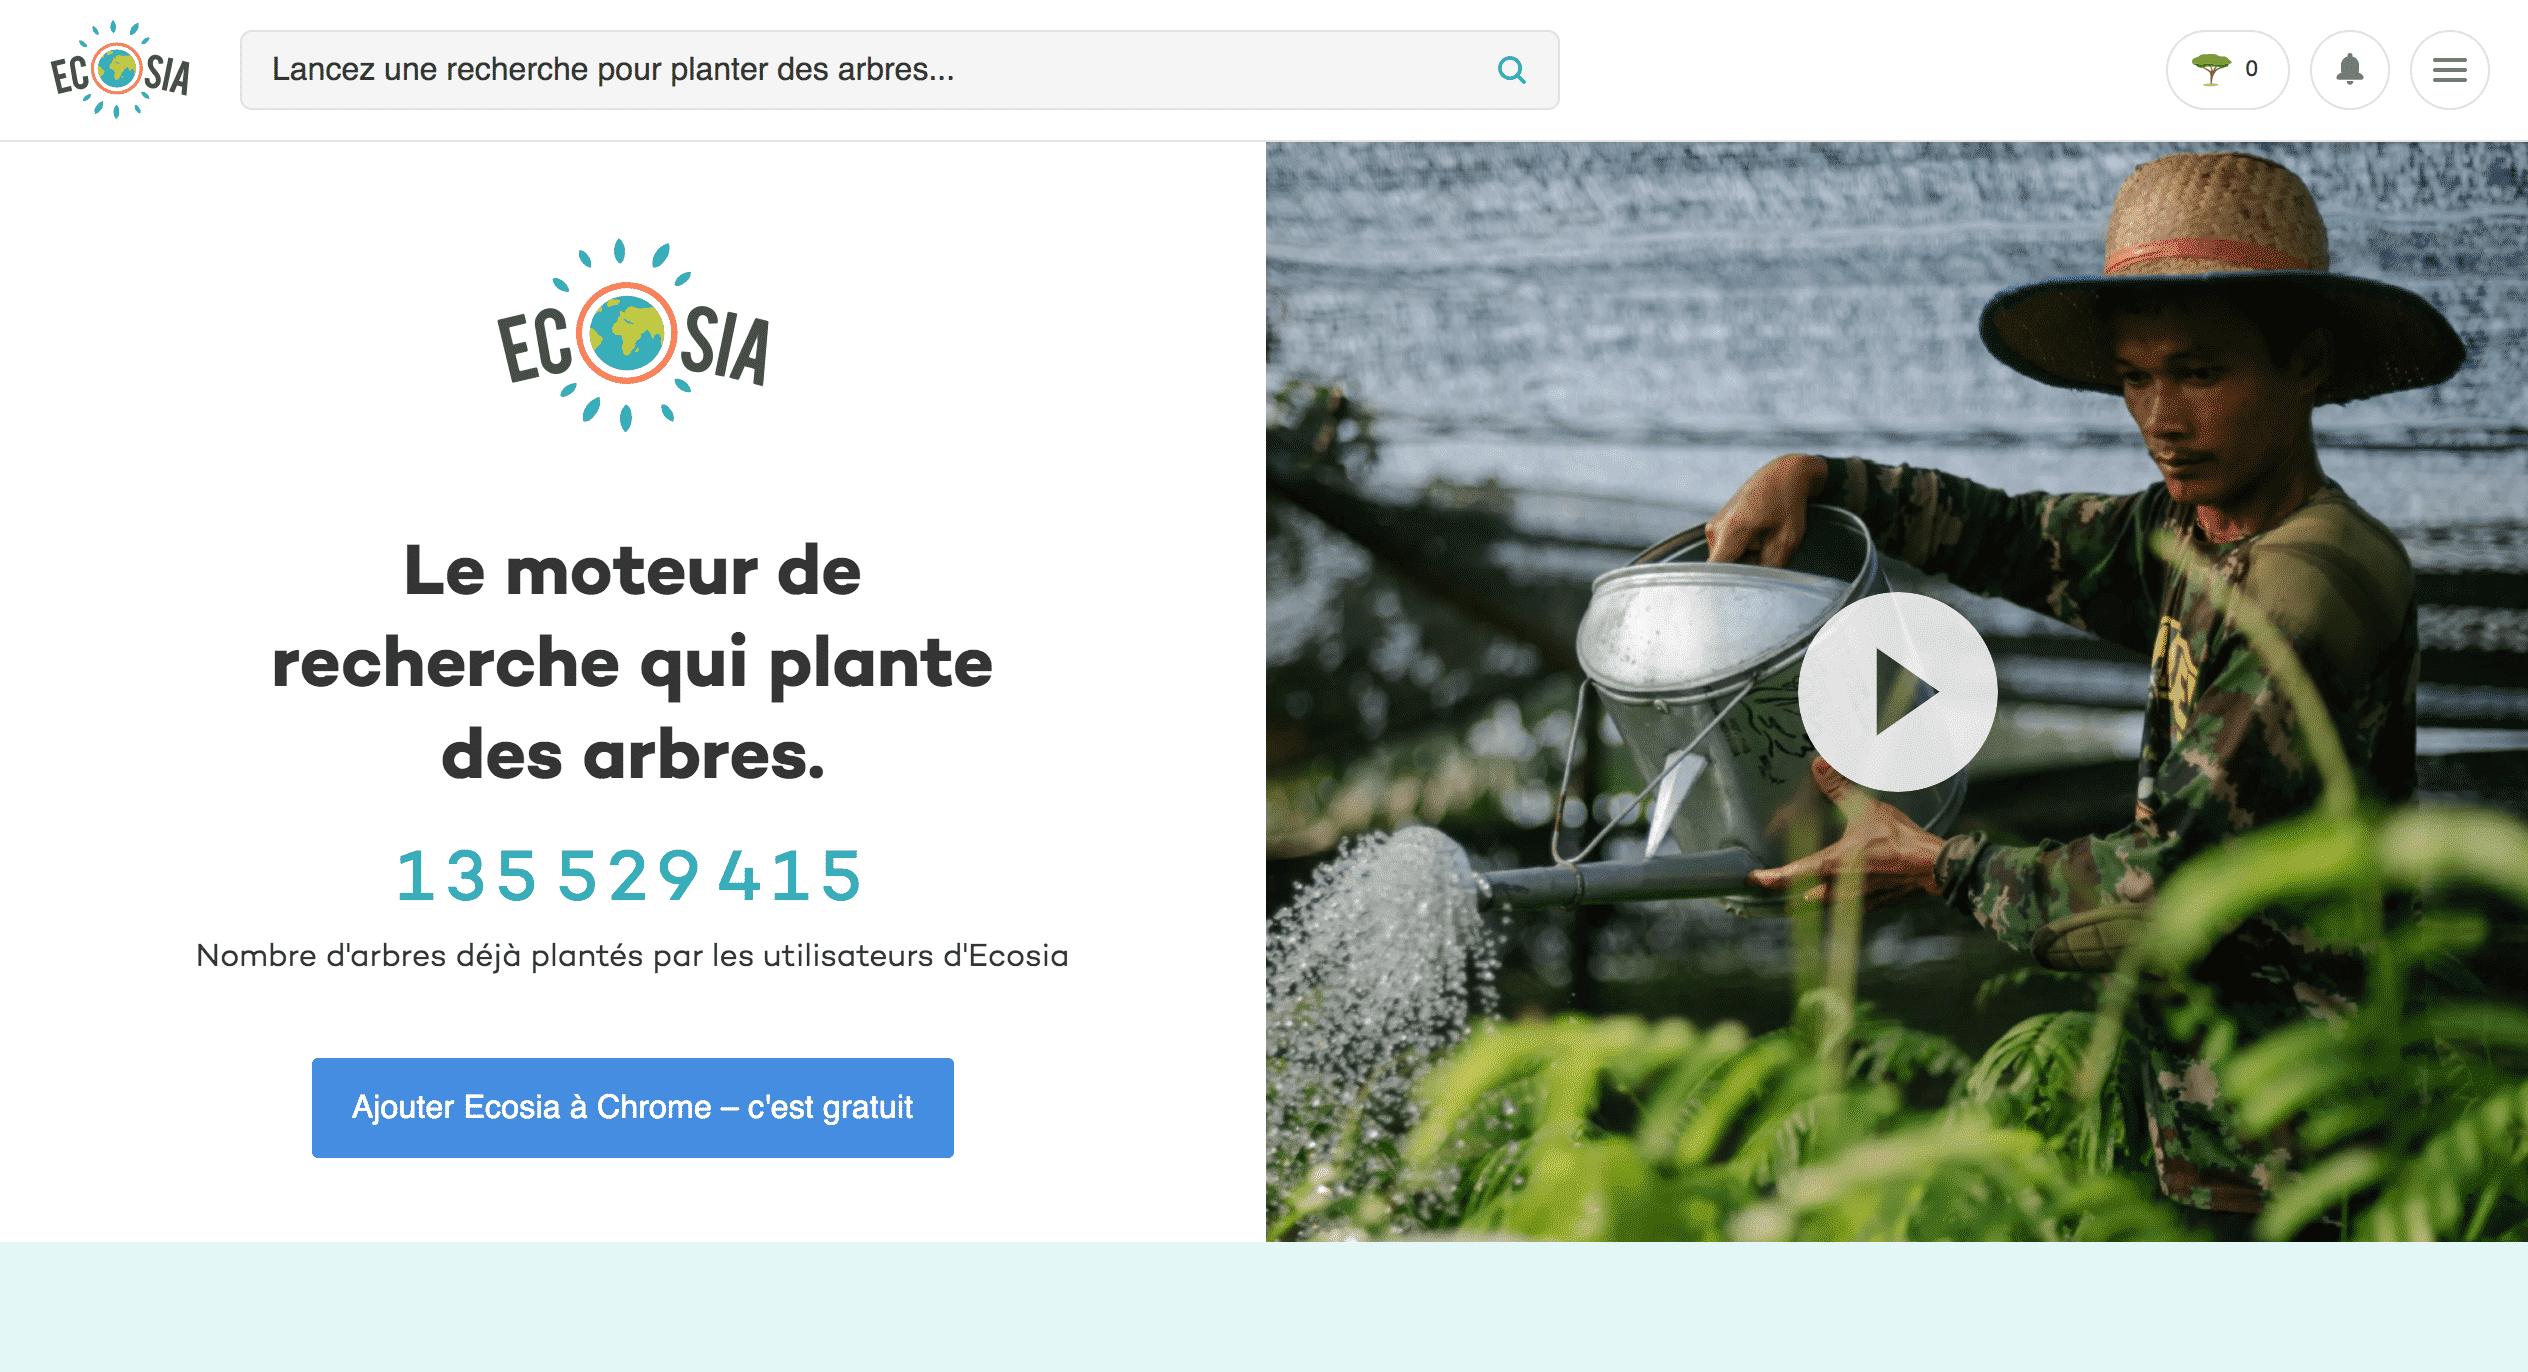 Ecosia moteur de recherche élecologique